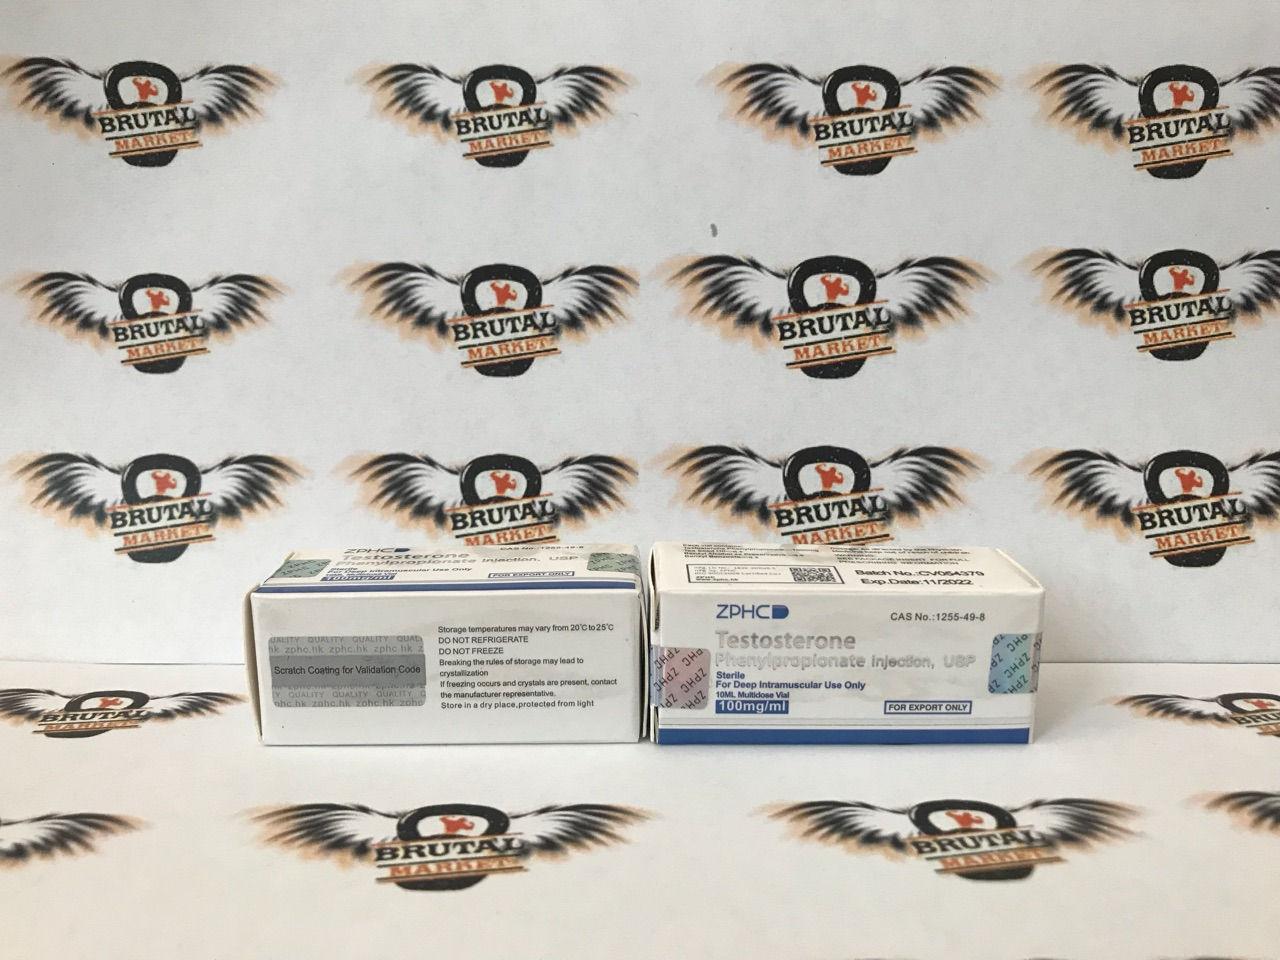 testosterone-phenyl-zphc.JPG